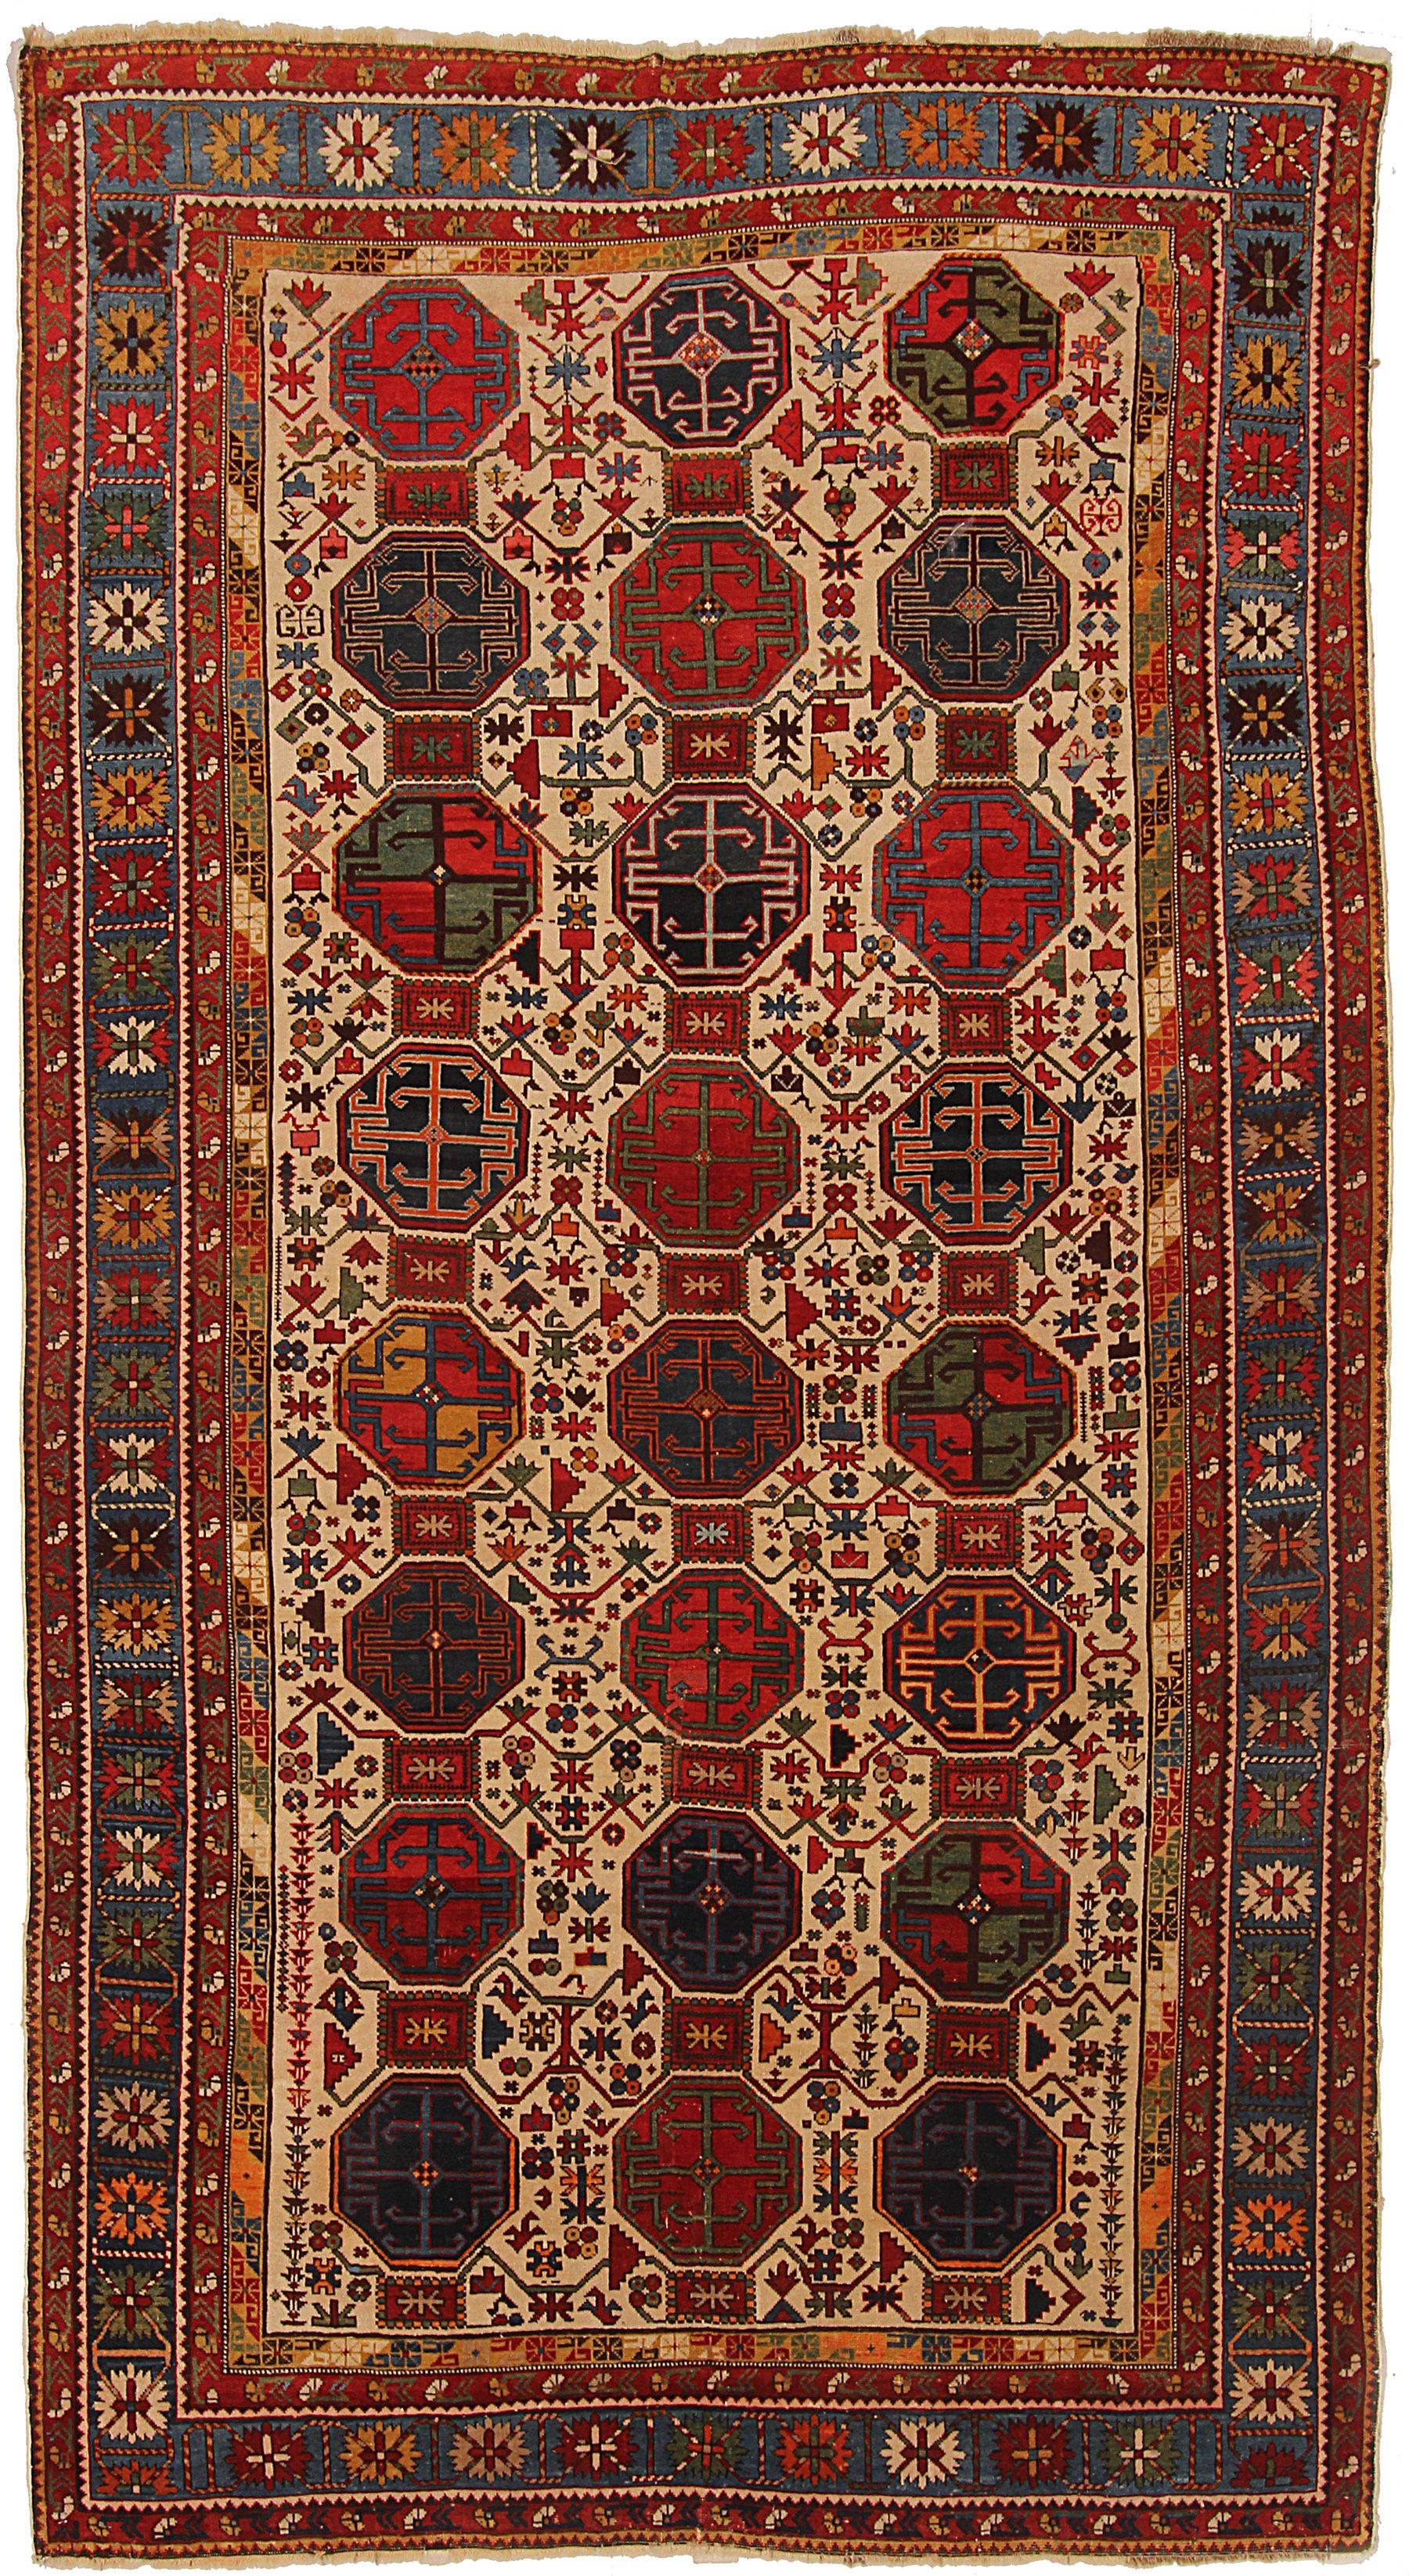 39155 Kazak Russian Rugs On Carpet Rugs Oriental Rug